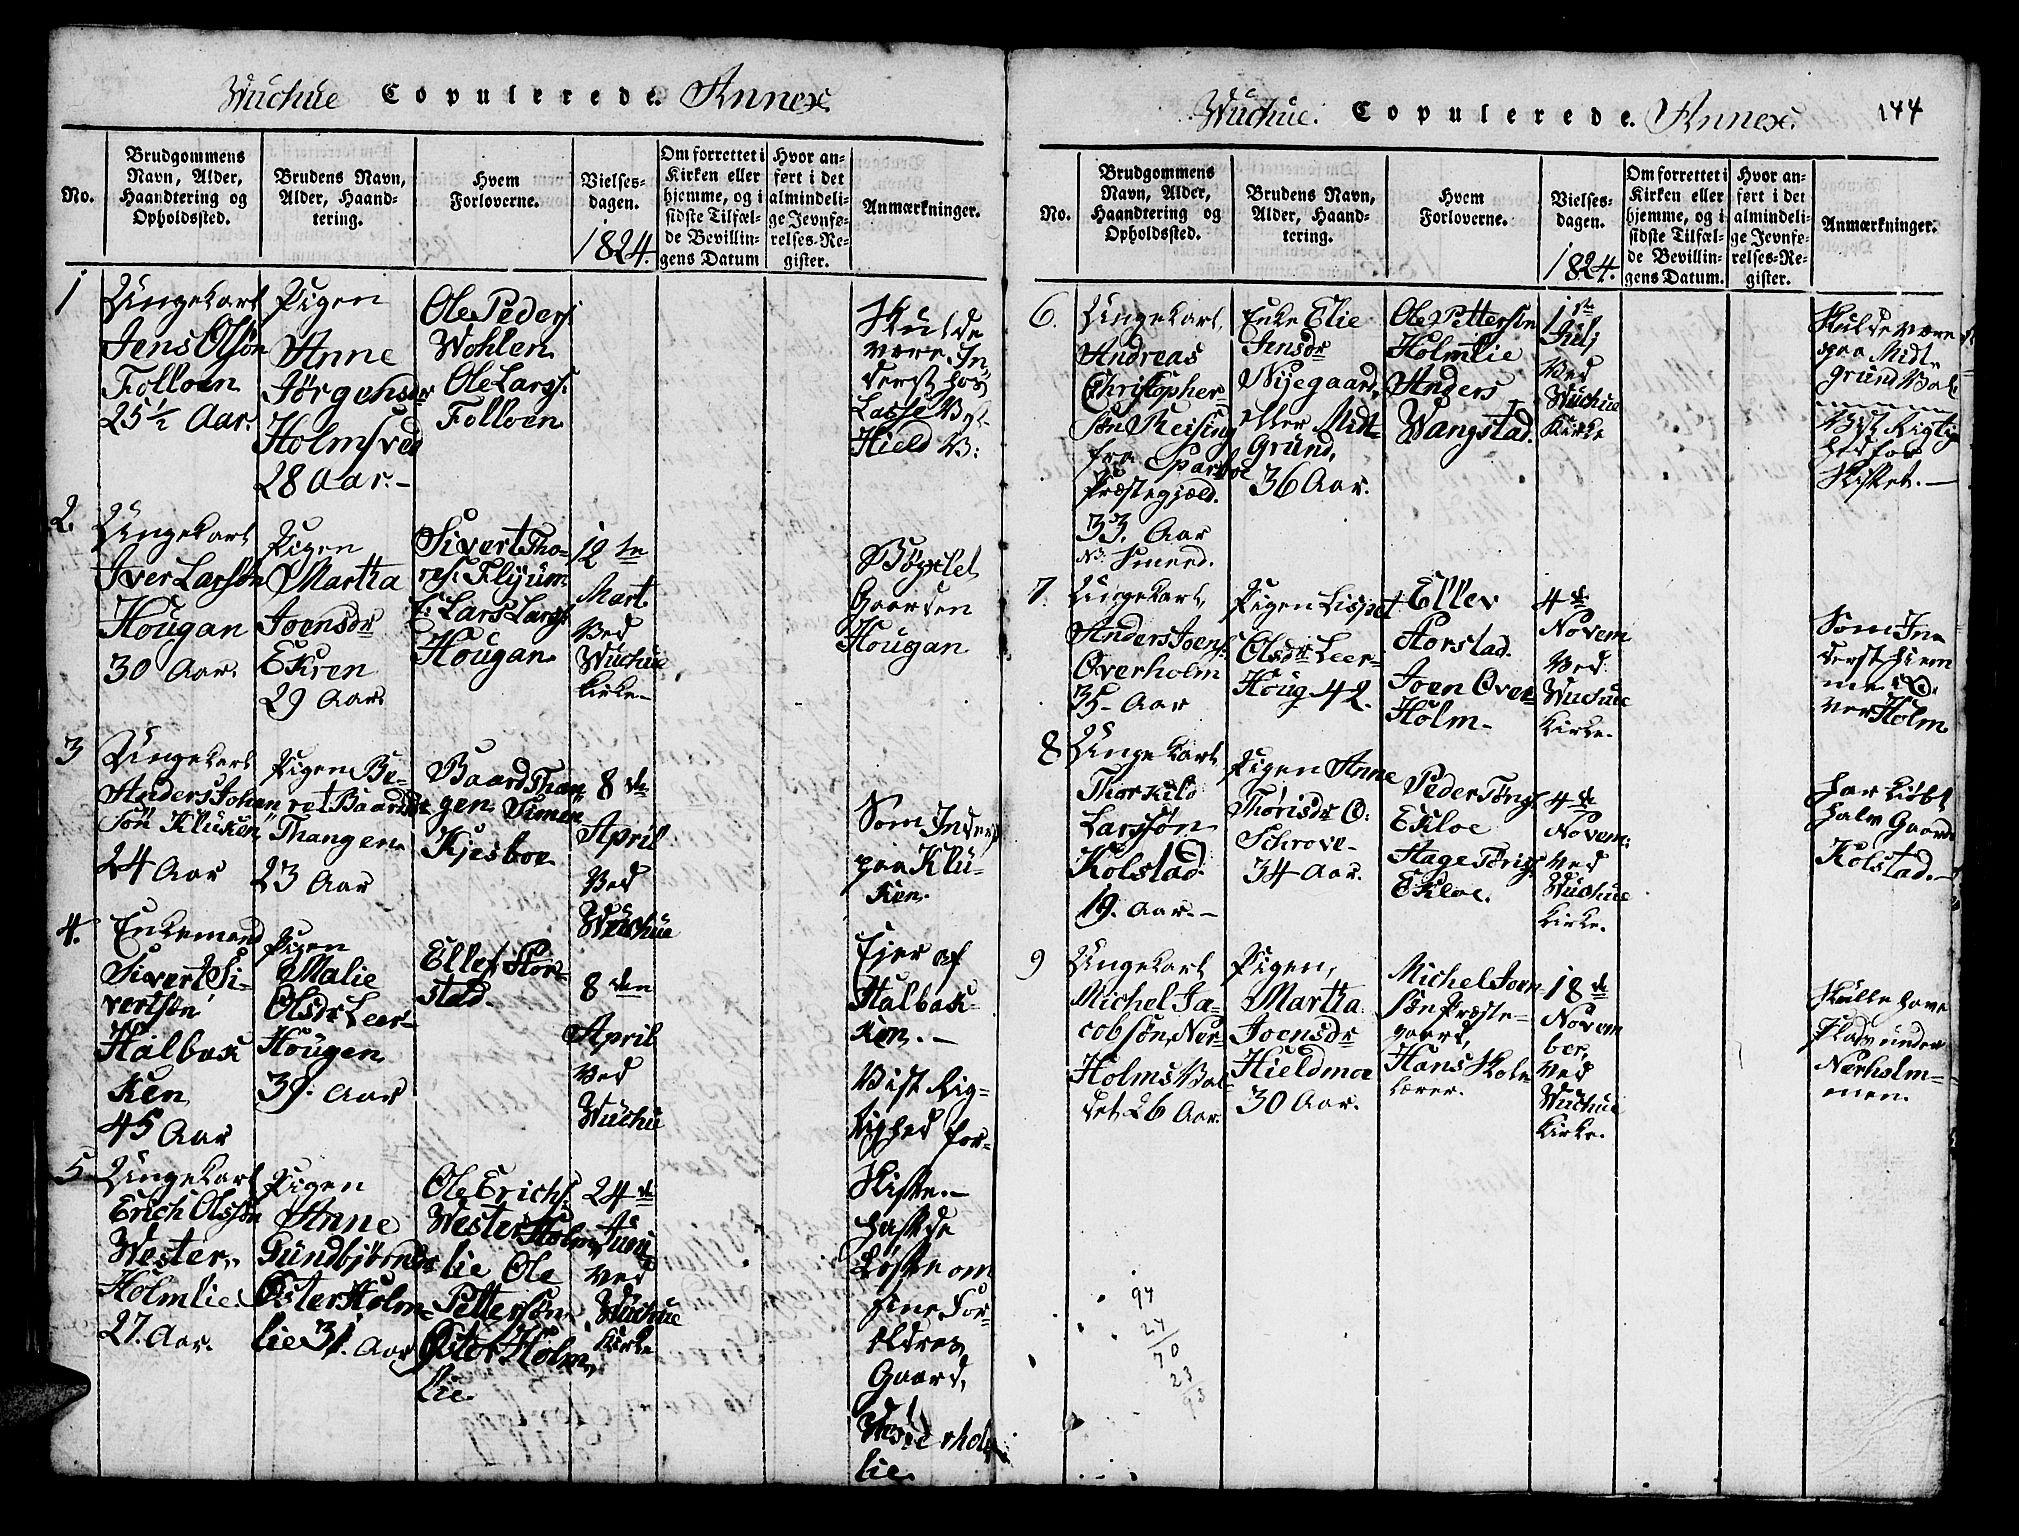 SAT, Ministerialprotokoller, klokkerbøker og fødselsregistre - Nord-Trøndelag, 724/L0265: Klokkerbok nr. 724C01, 1816-1845, s. 144